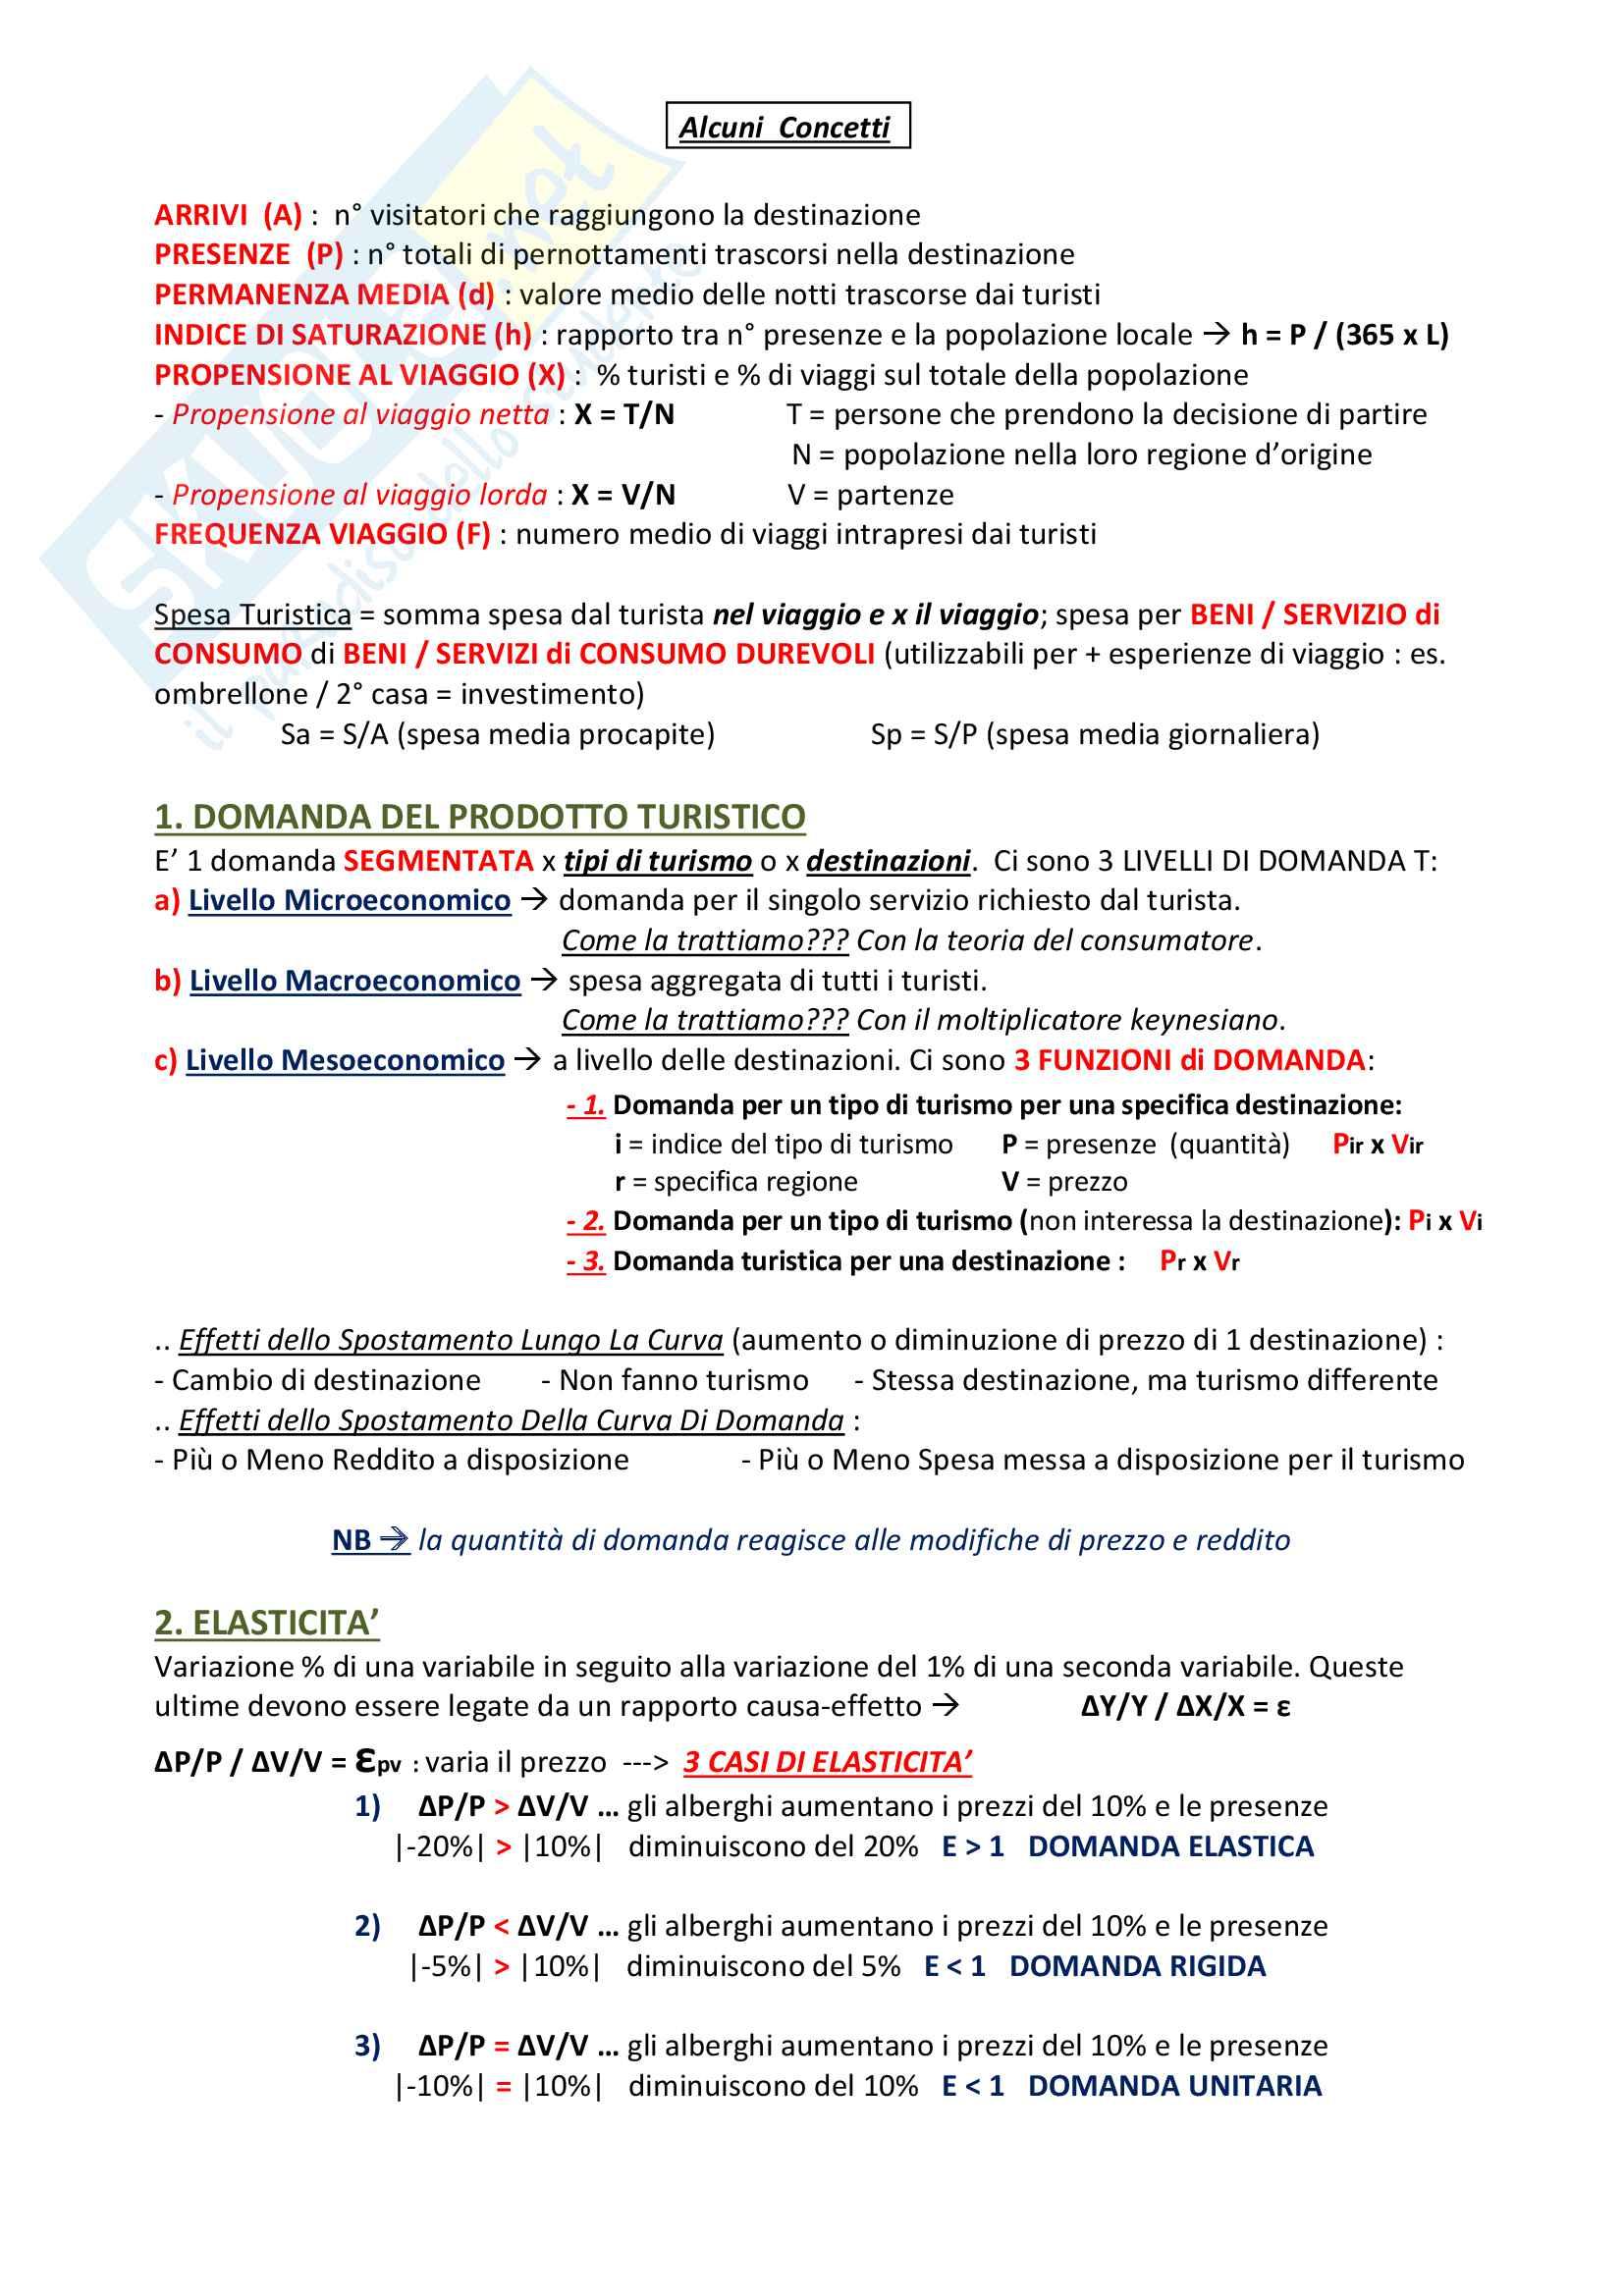 Appunti Economia Del Turismo Pag. 2